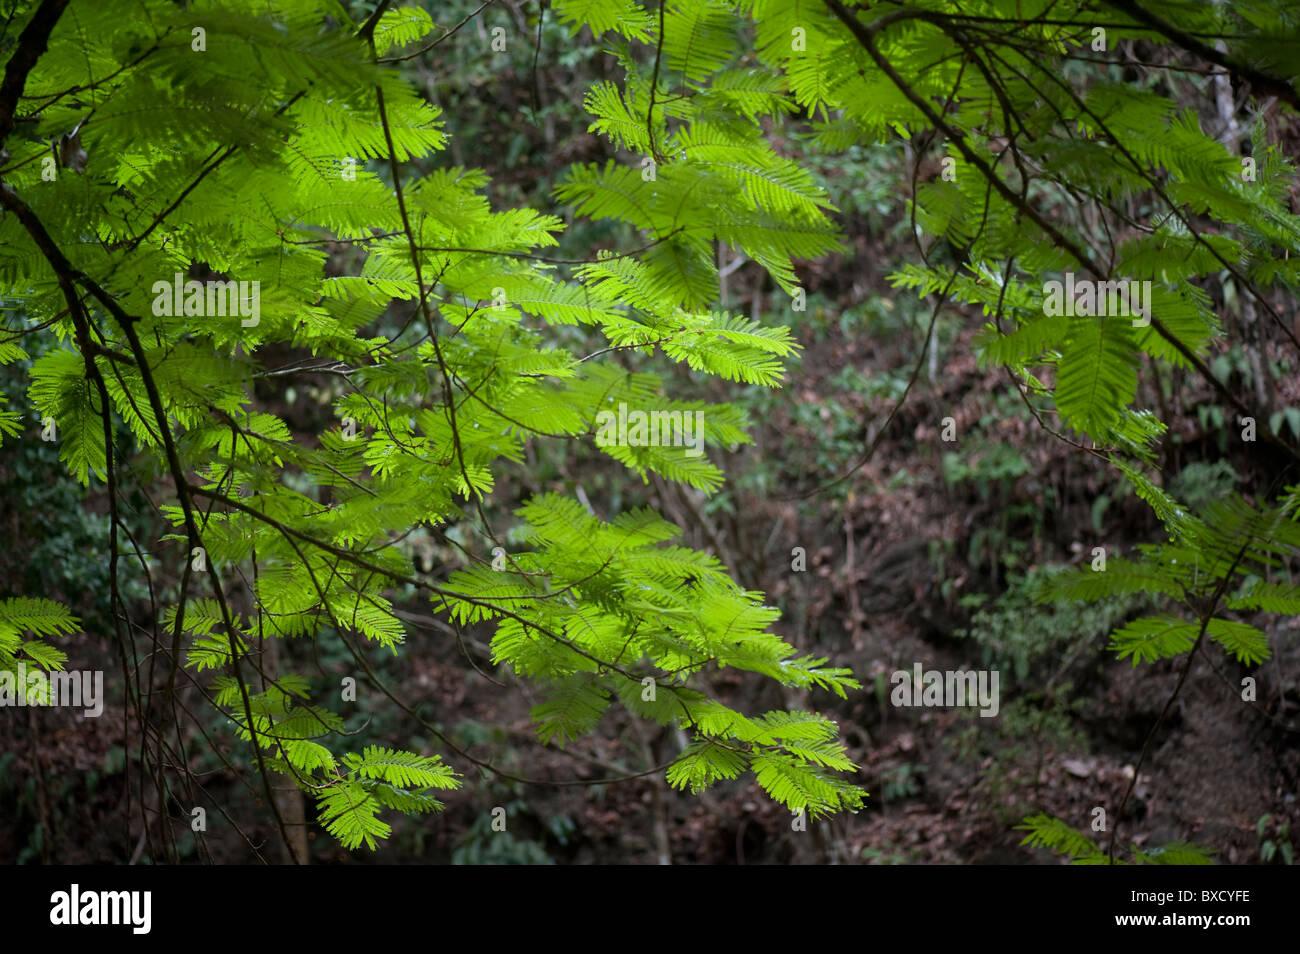 Las hojas de la verde jungla tropical Foto Imagen De Stock